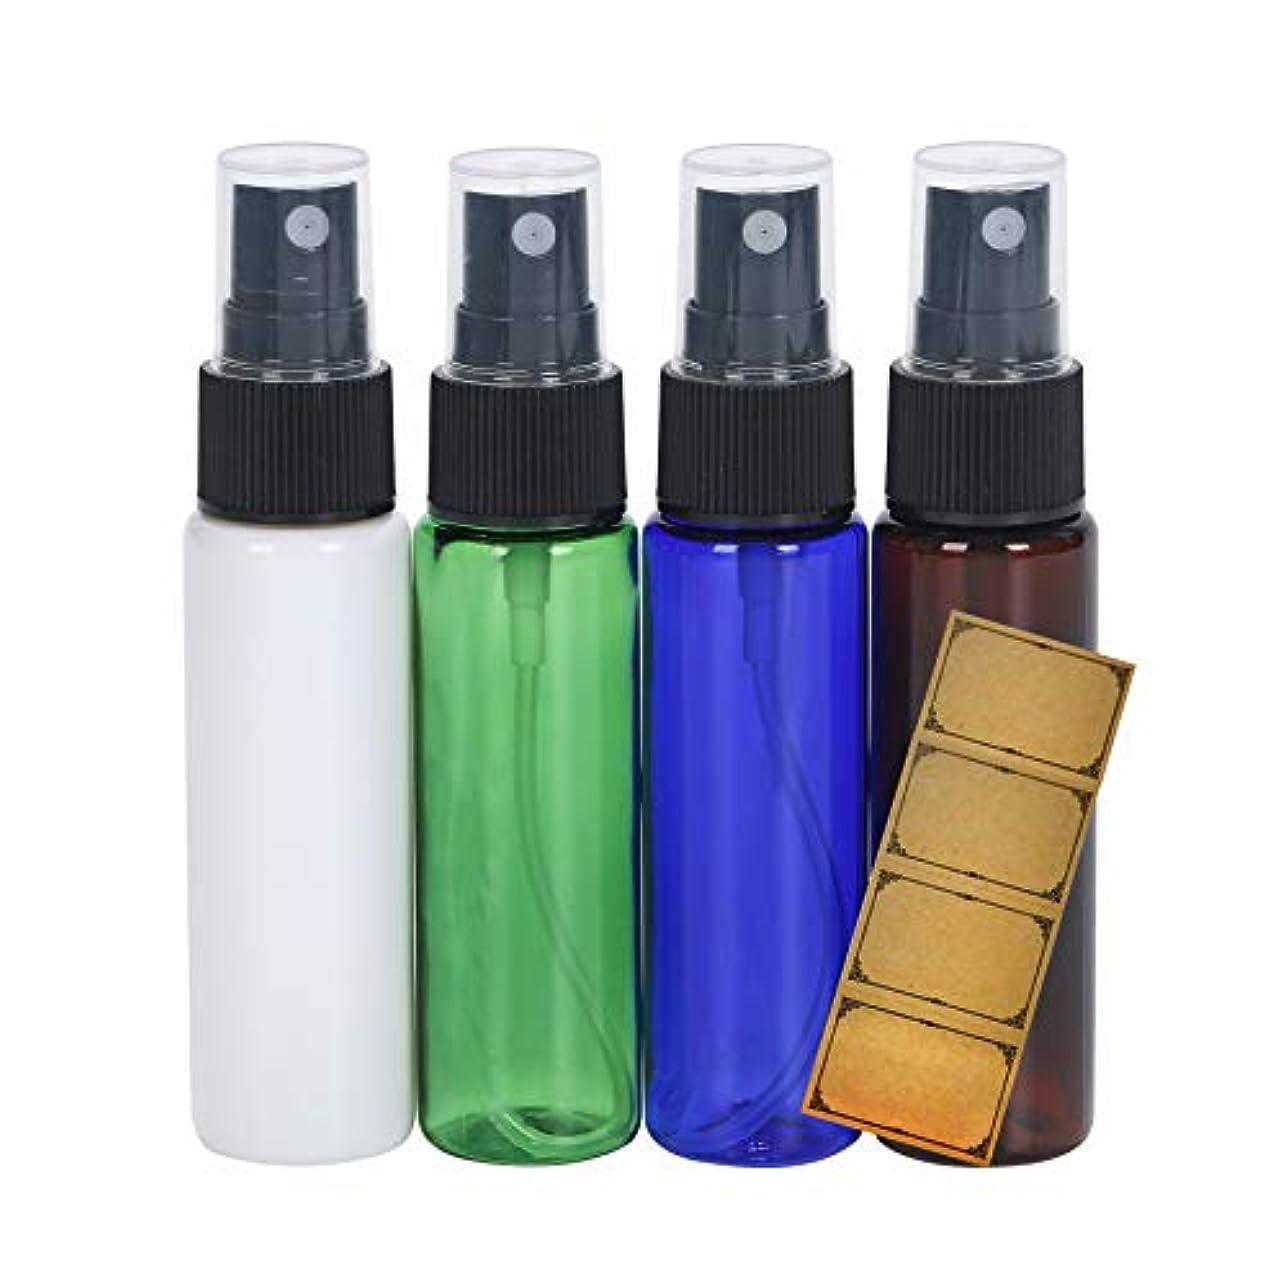 とんでもないシャベル等価スプレーボトル 30ml 4本 オリジナルラベルシール付き 遮光 PET製 (4色(青、緑、茶、白))